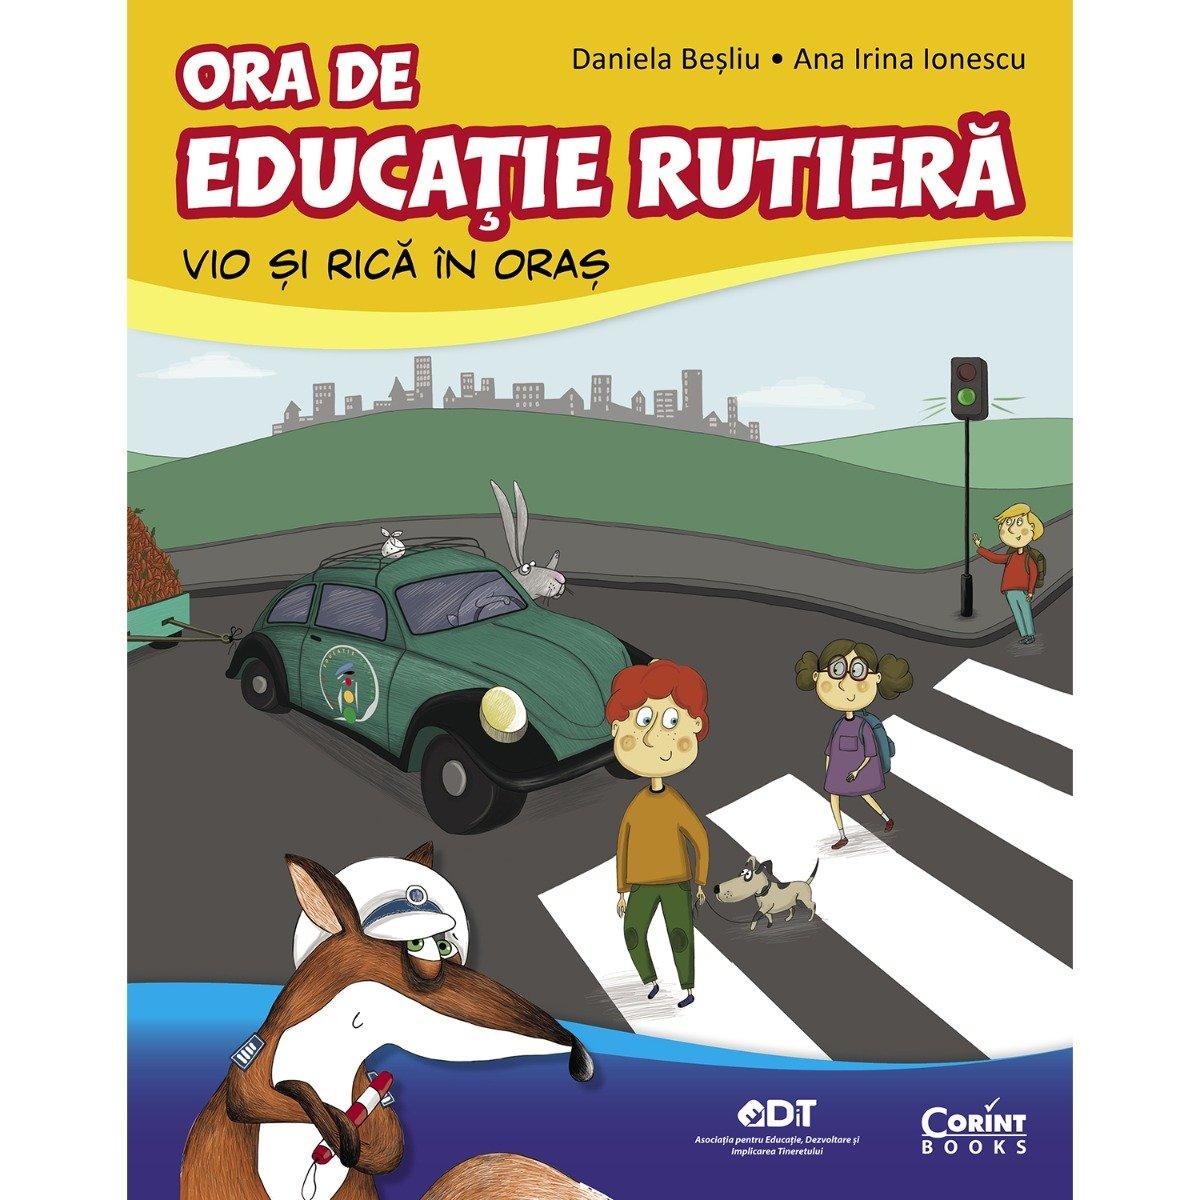 Carte Editura Corint, Ora de educatie rutiera Vio si Rica in oras, Daniela Besliu, Ana Irina Ionescu